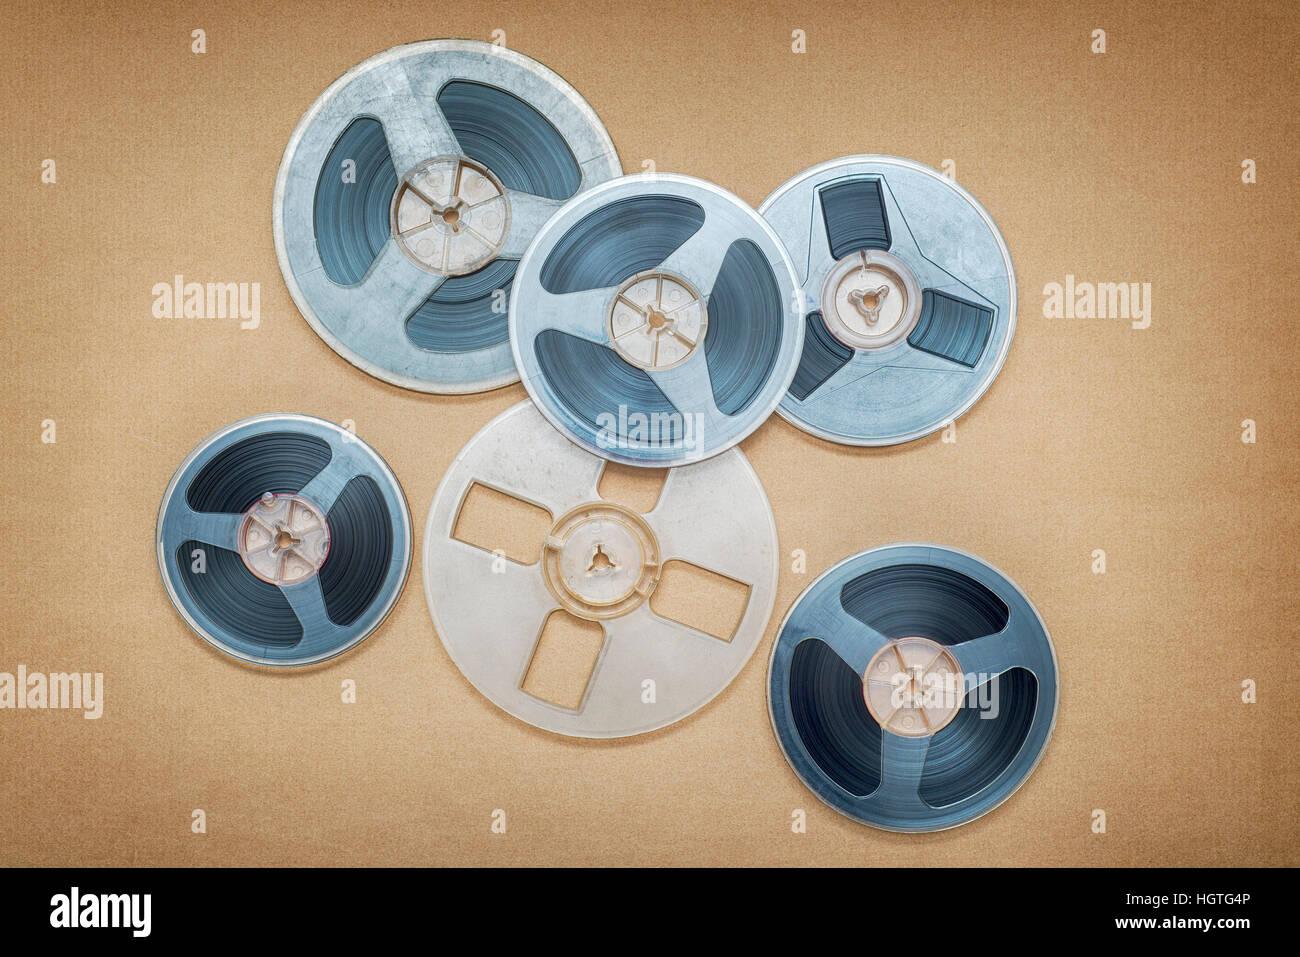 Vintage magnetic audio reels - Stock Image